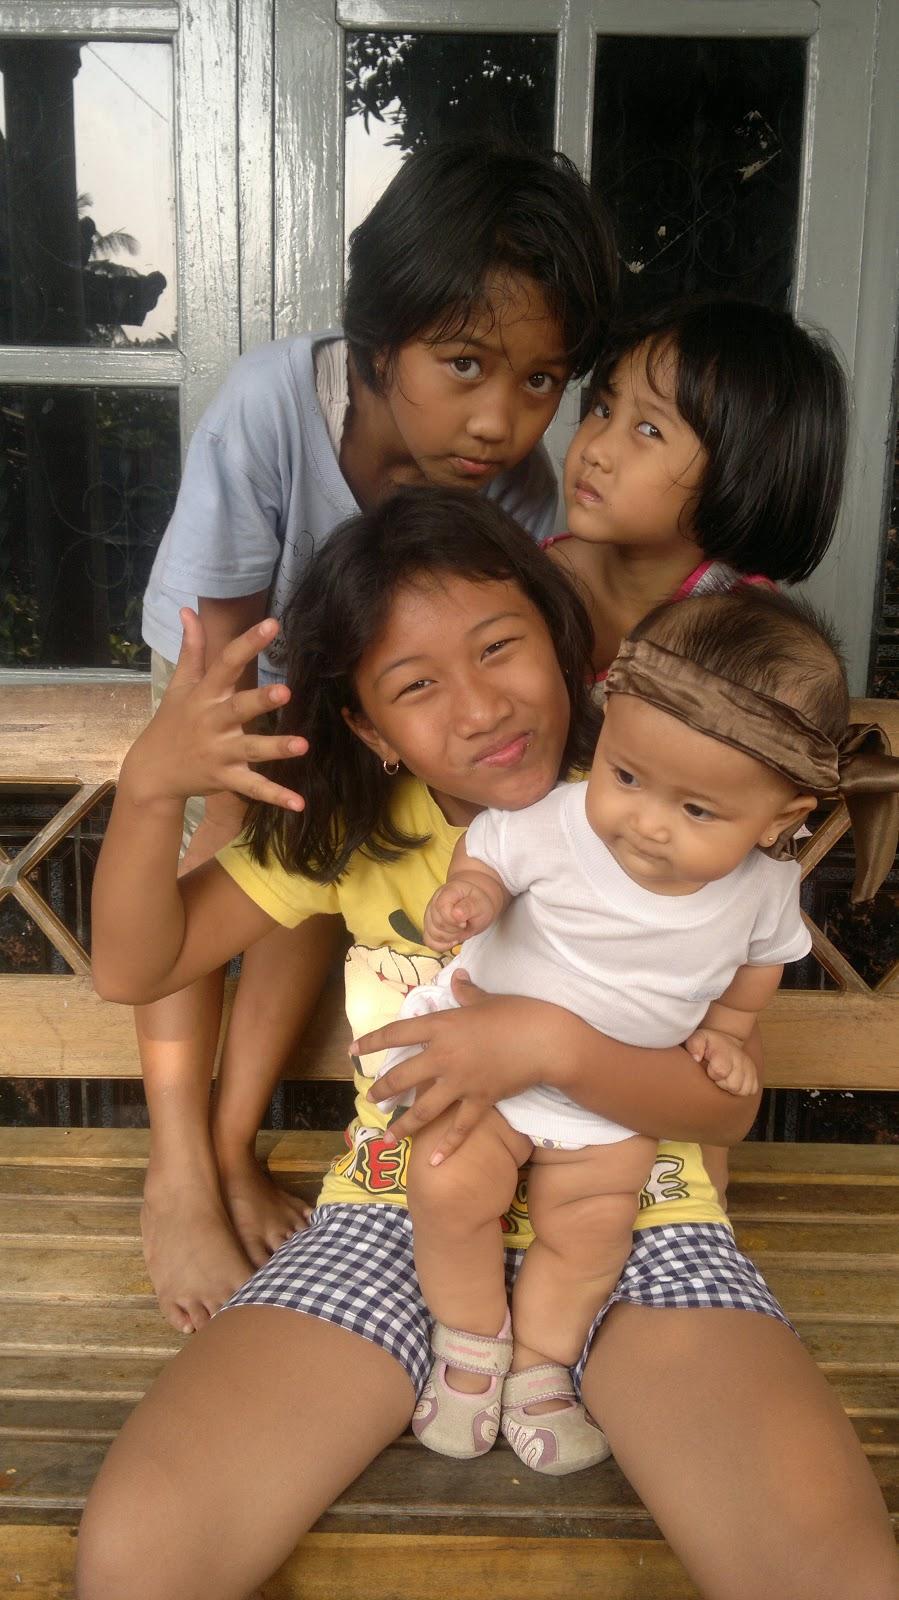 4 Cewek Yang Nakal Tangkasfamily